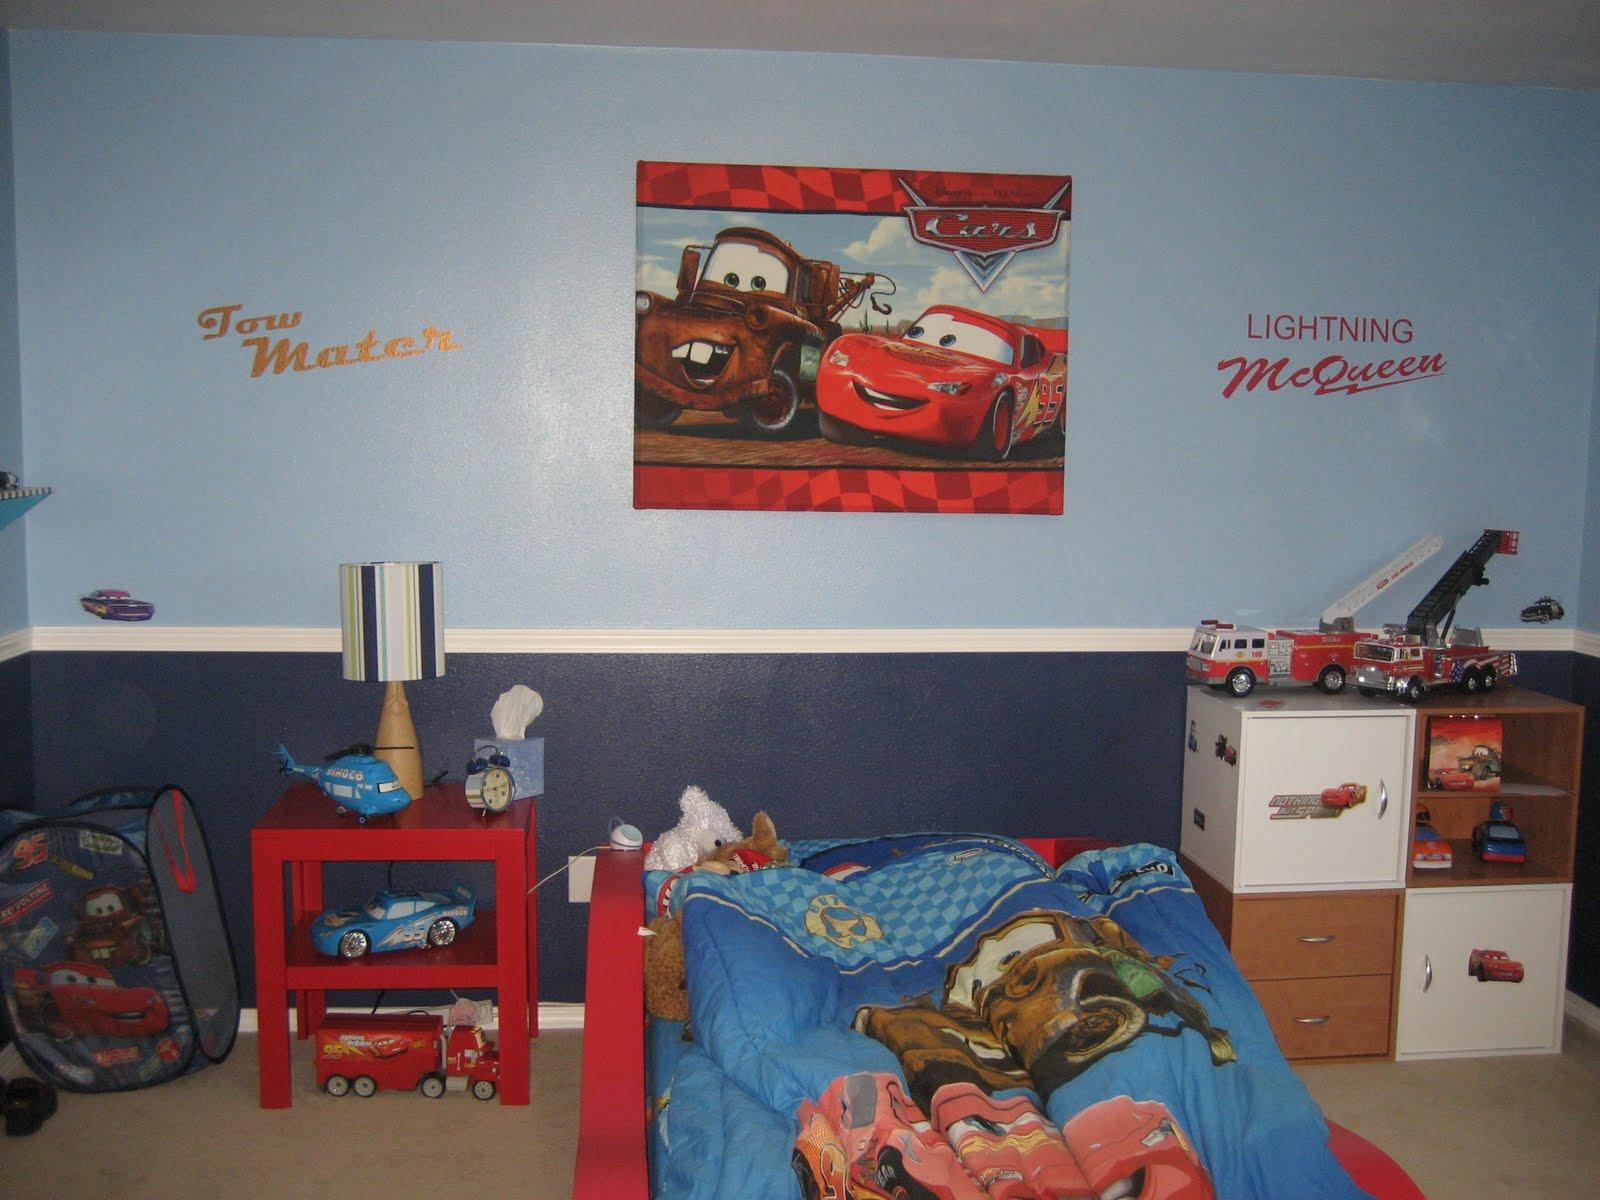 1600x1200px 8 Cool Lightning Mcqueen Bedroom Ideas Picture in Bedroom